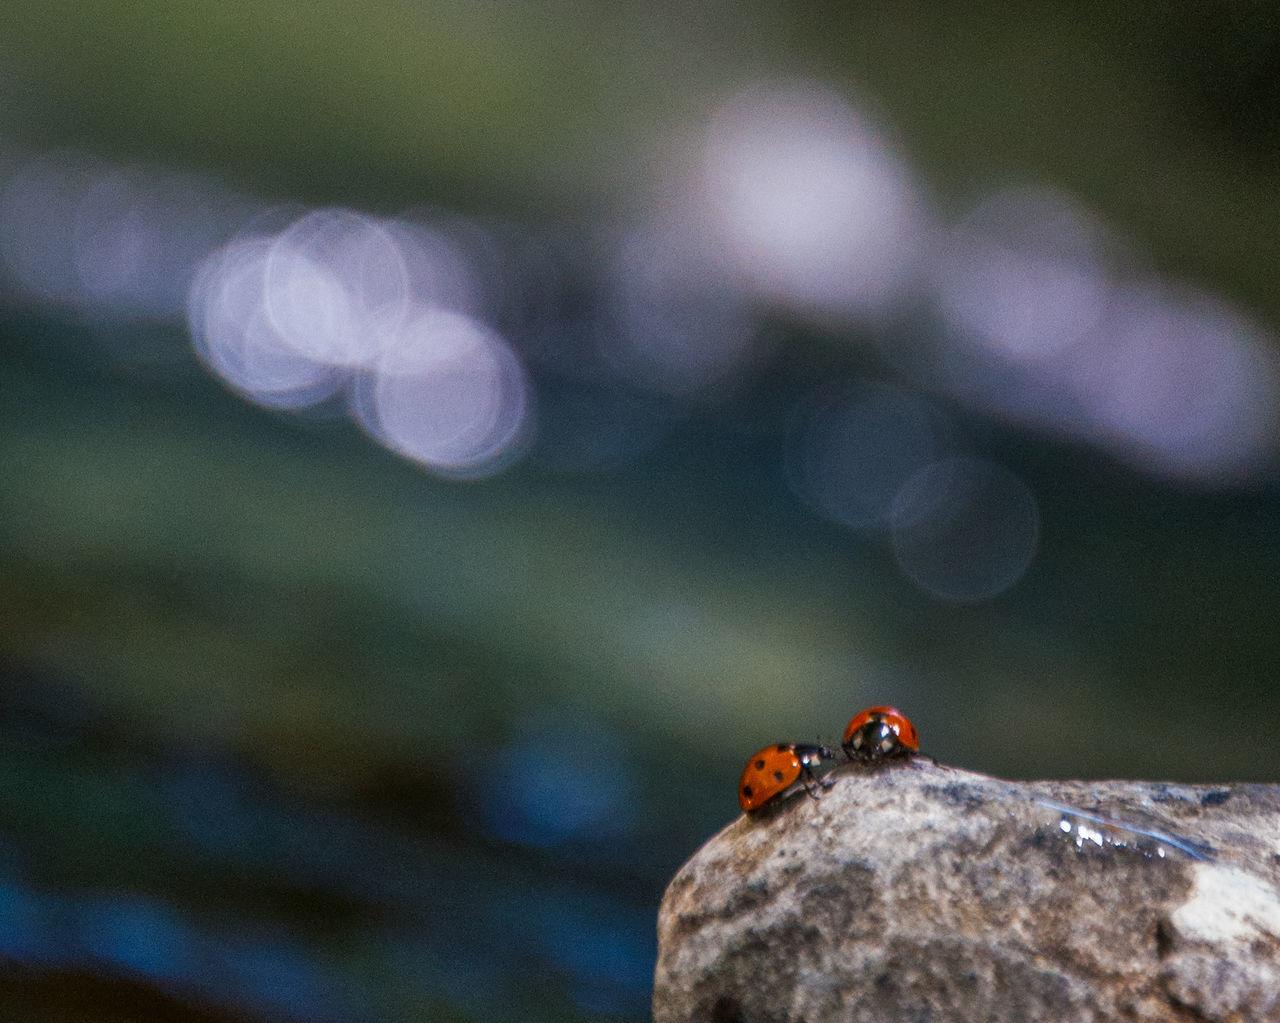 Ladybugs On Rock